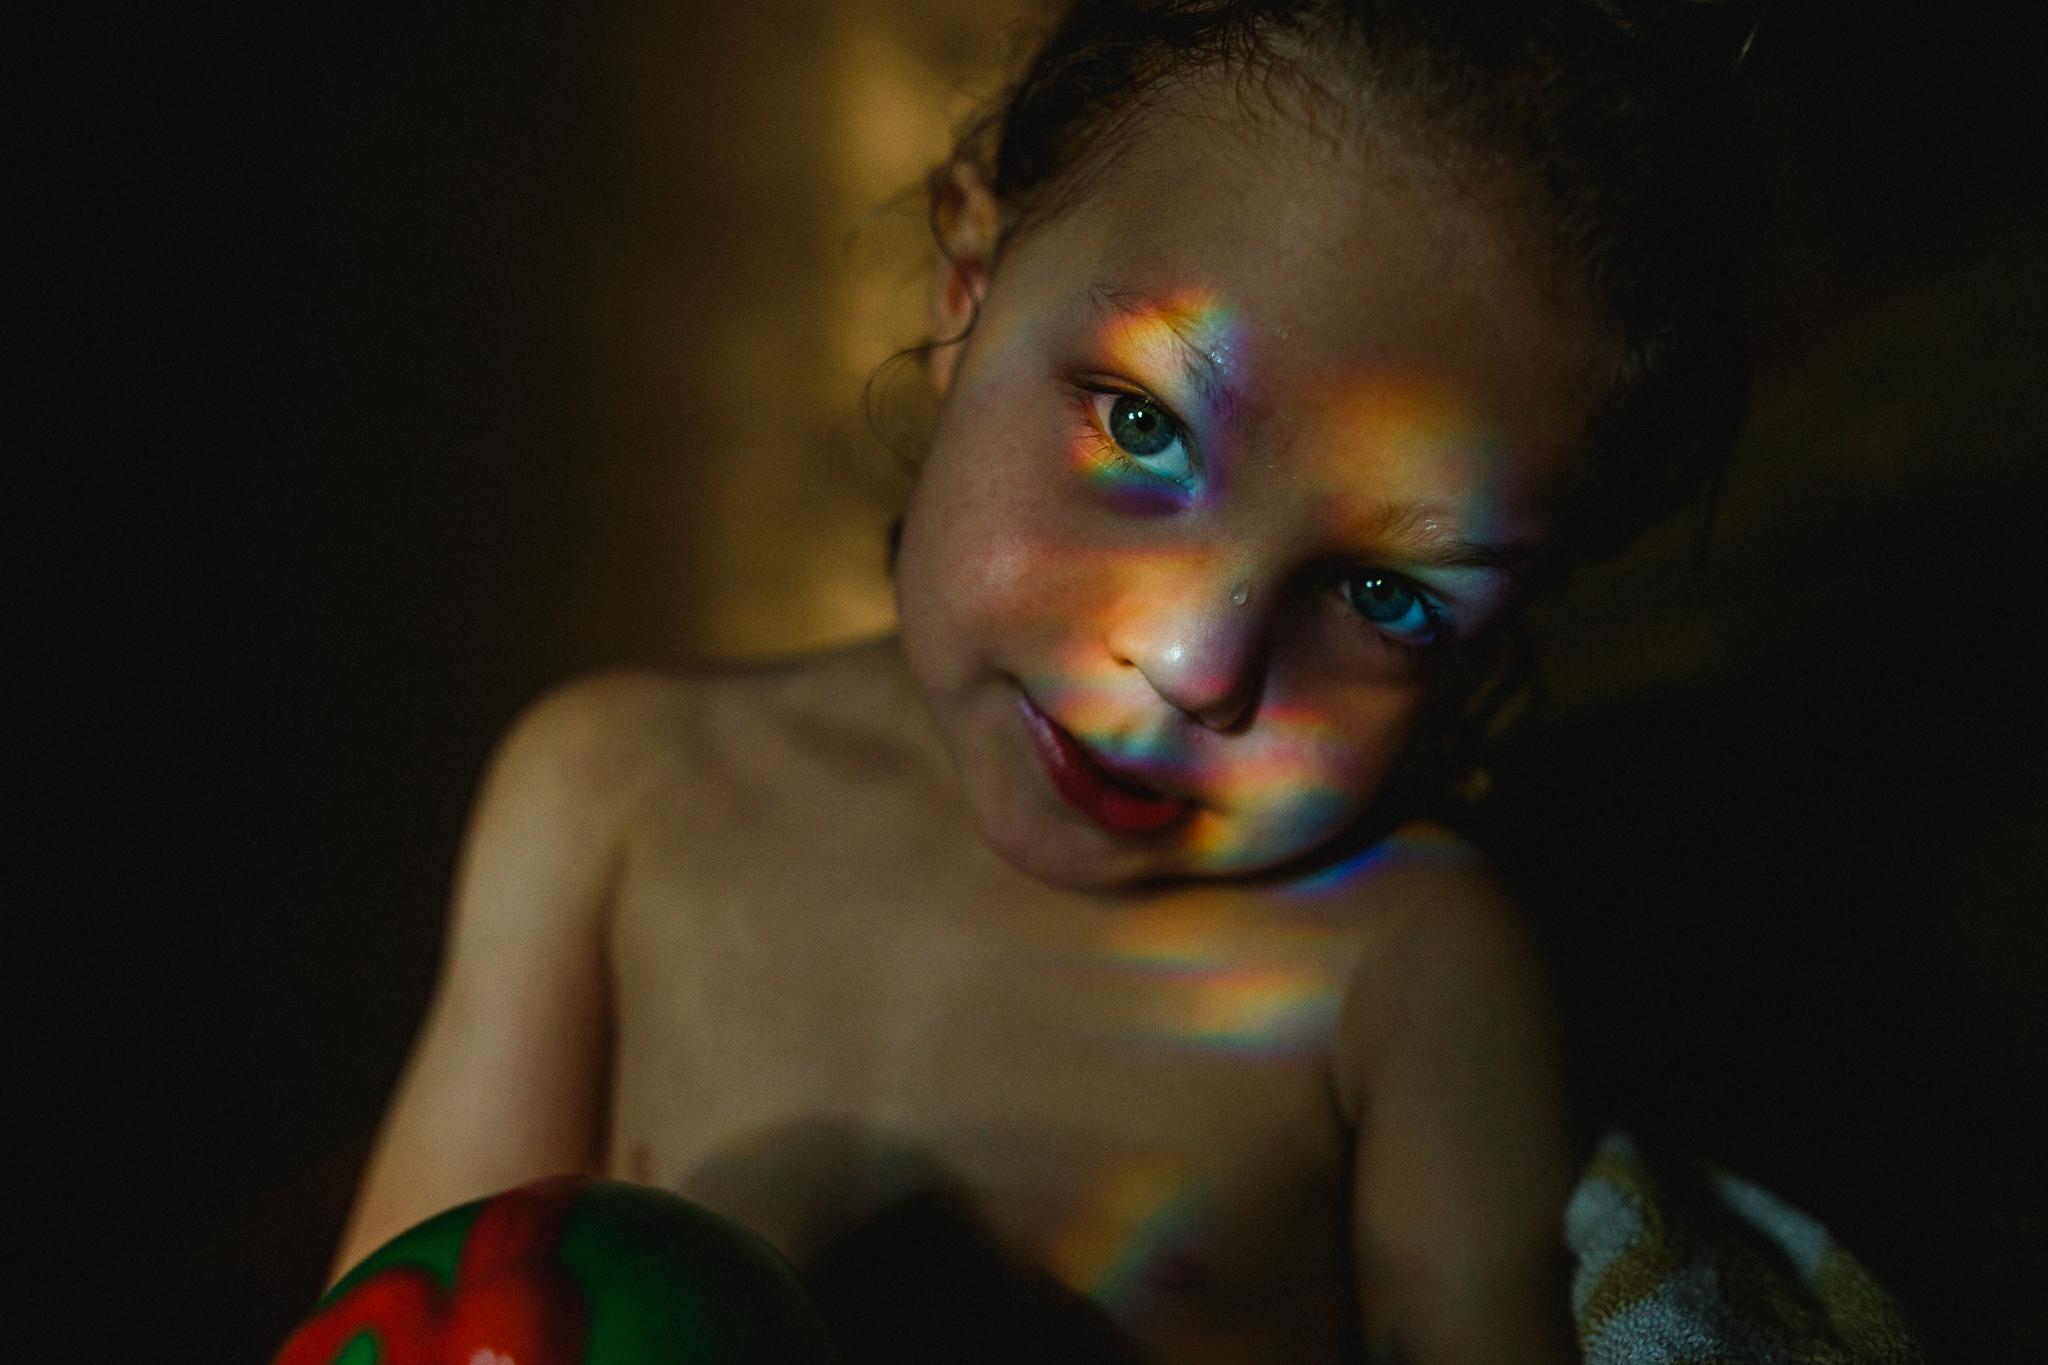 Sully rainbow on his face-1.jpg